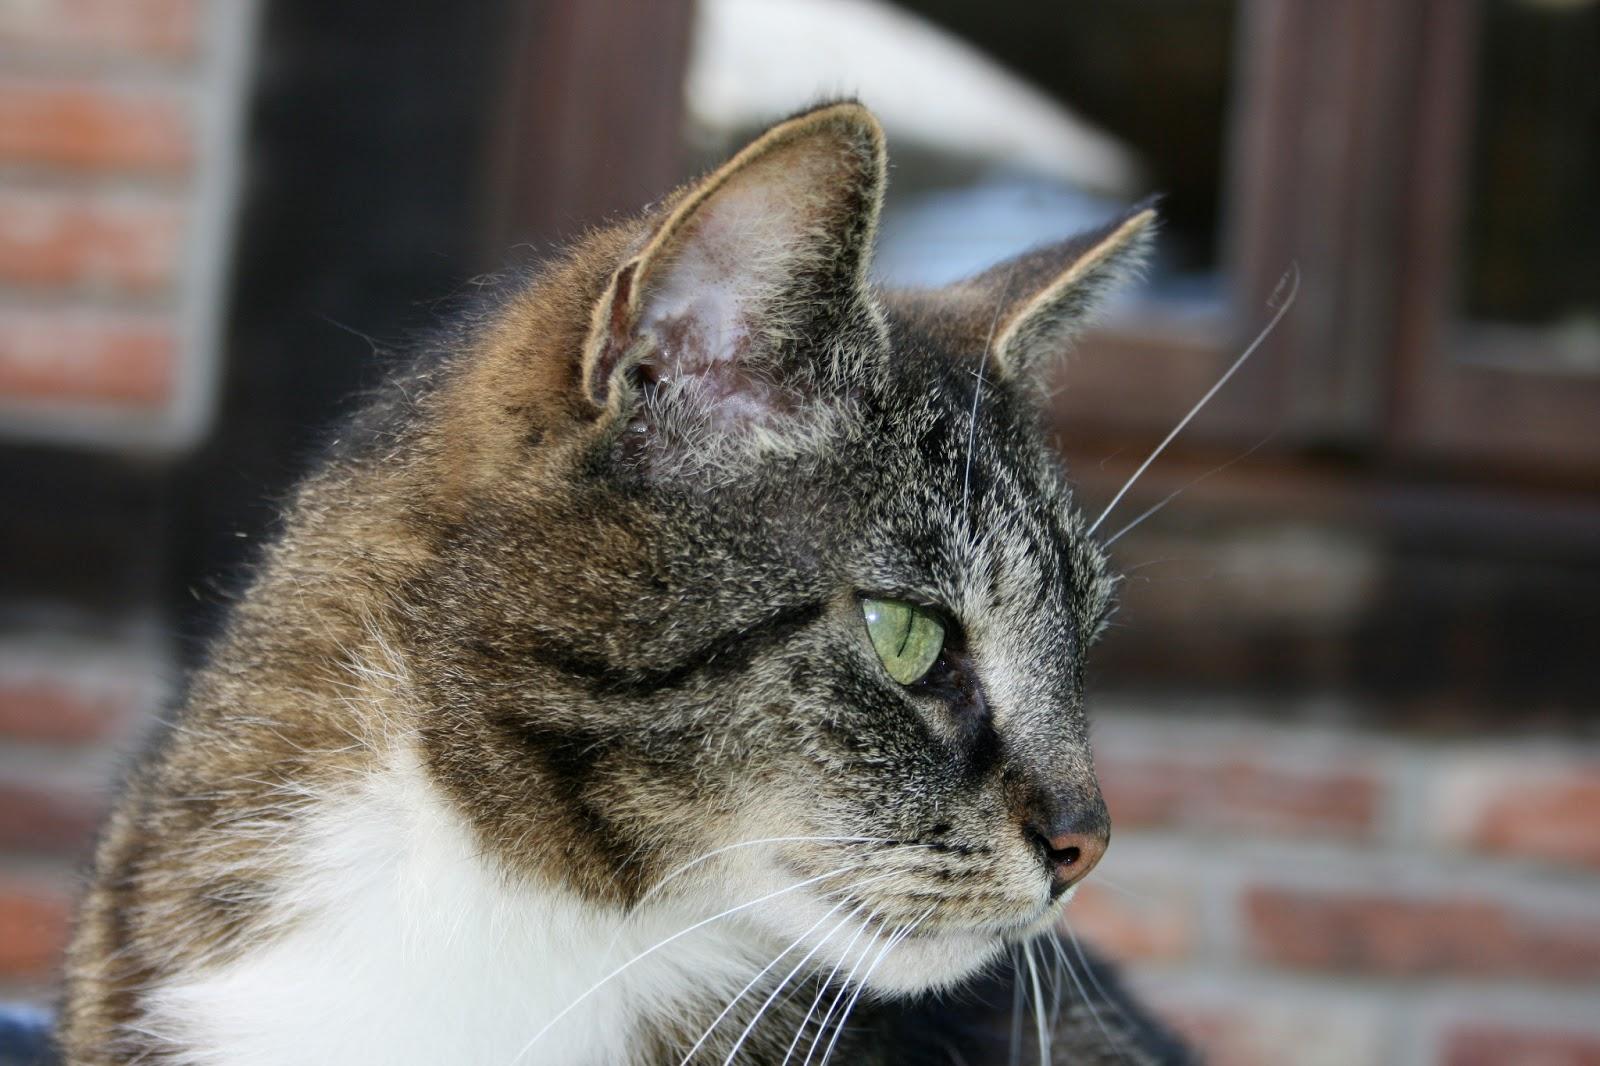 Schön Katze 5 Draht Diagramm Bilder - Der Schaltplan - greigo.com